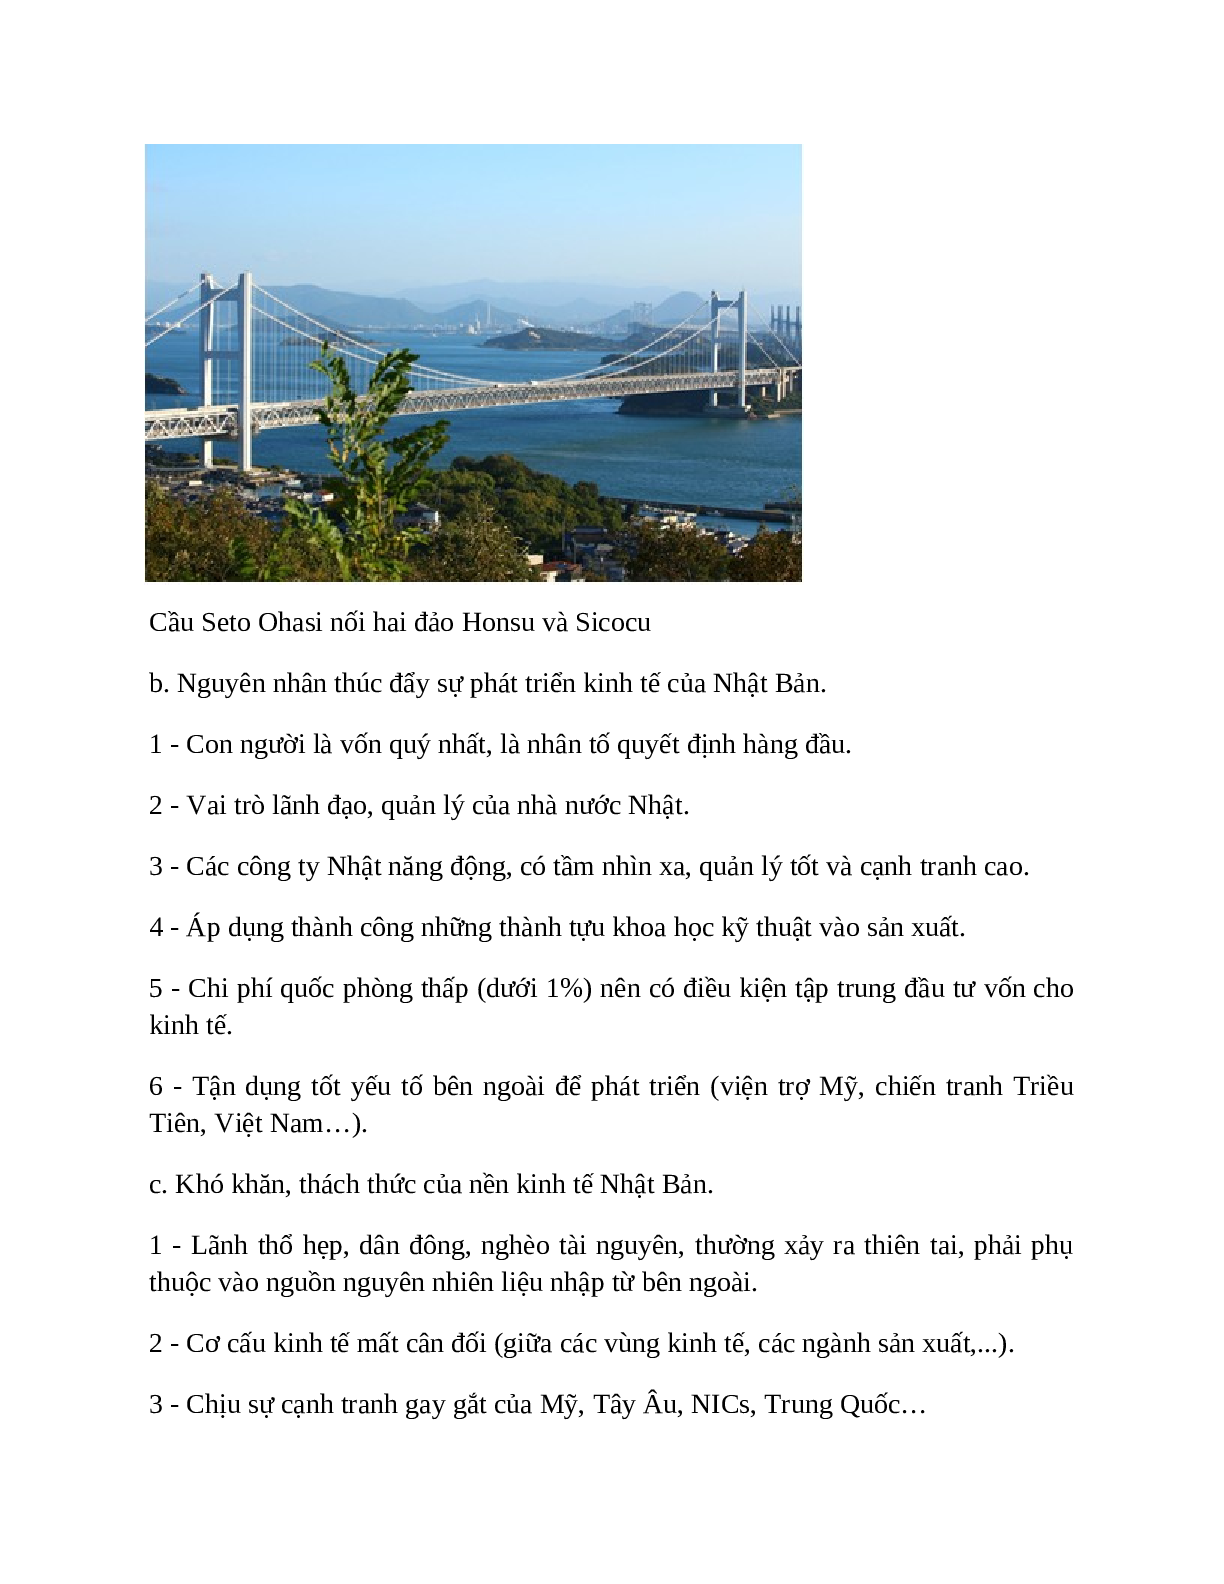 Lịch Sử 12 Bài 8: Nhật Bản (trang 4)